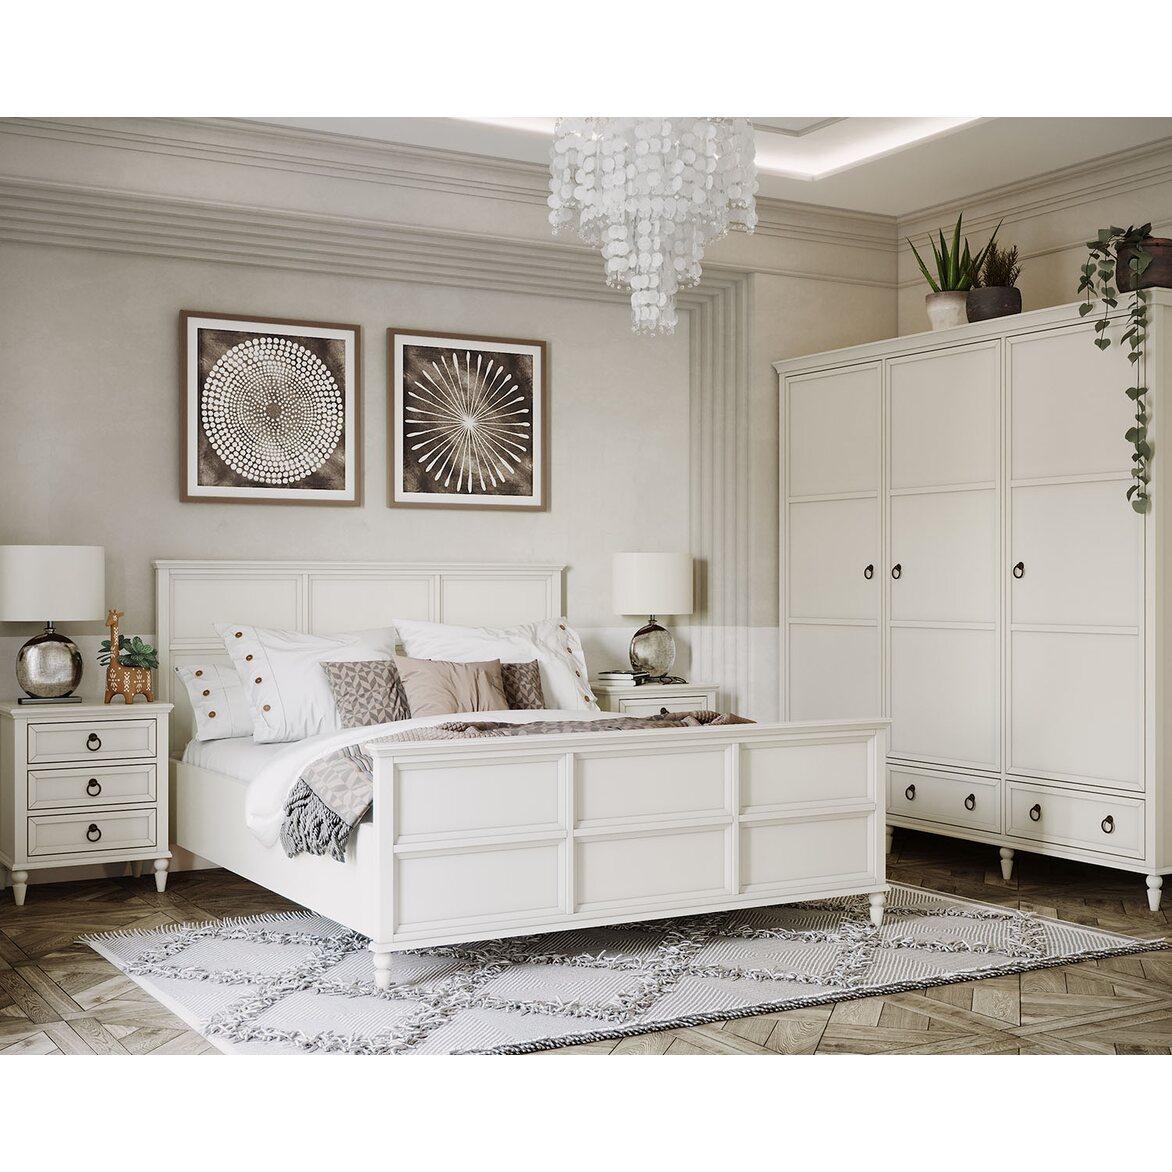 Кровать 160*200 Vilton 4 | Двуспальные кровати Kingsby